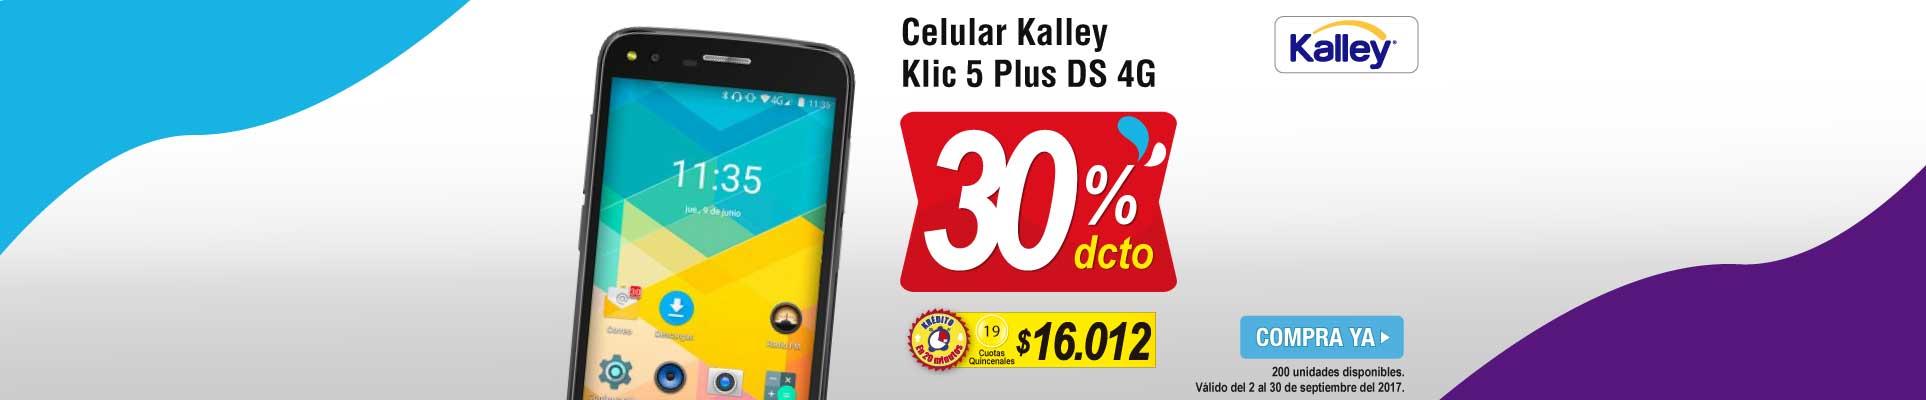 CAT ALKP-2-celulares-Celular Kalley Klic 5 Plus DS 4G-prod-septiembre13-30